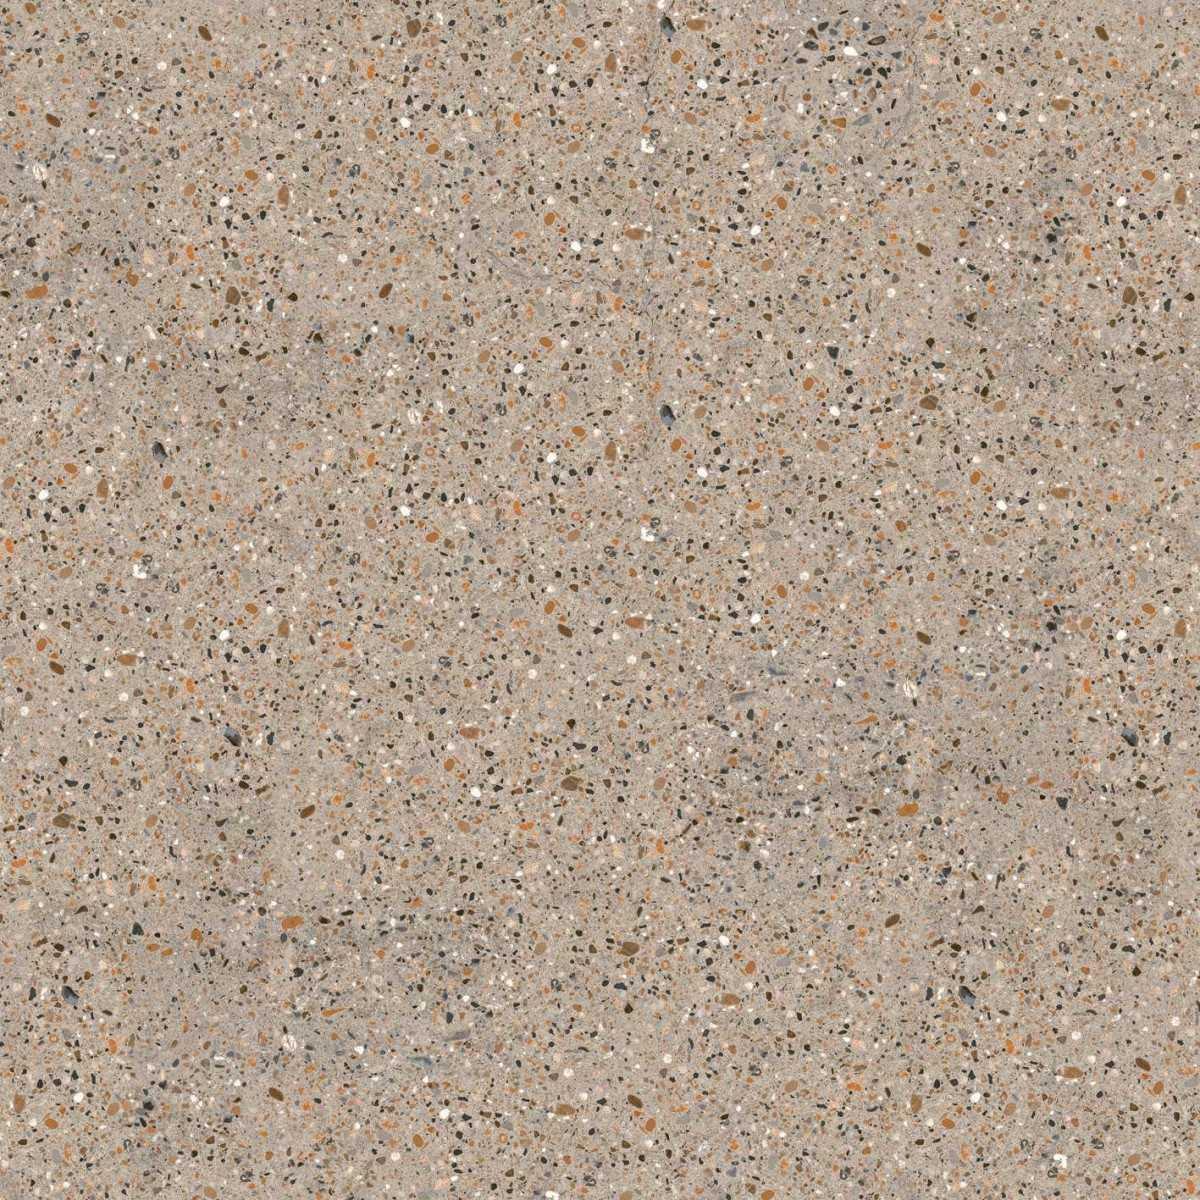 Variasi Aruba Sand  OutdoorOutdoor FlooringOutdoor Floor Tiles 1